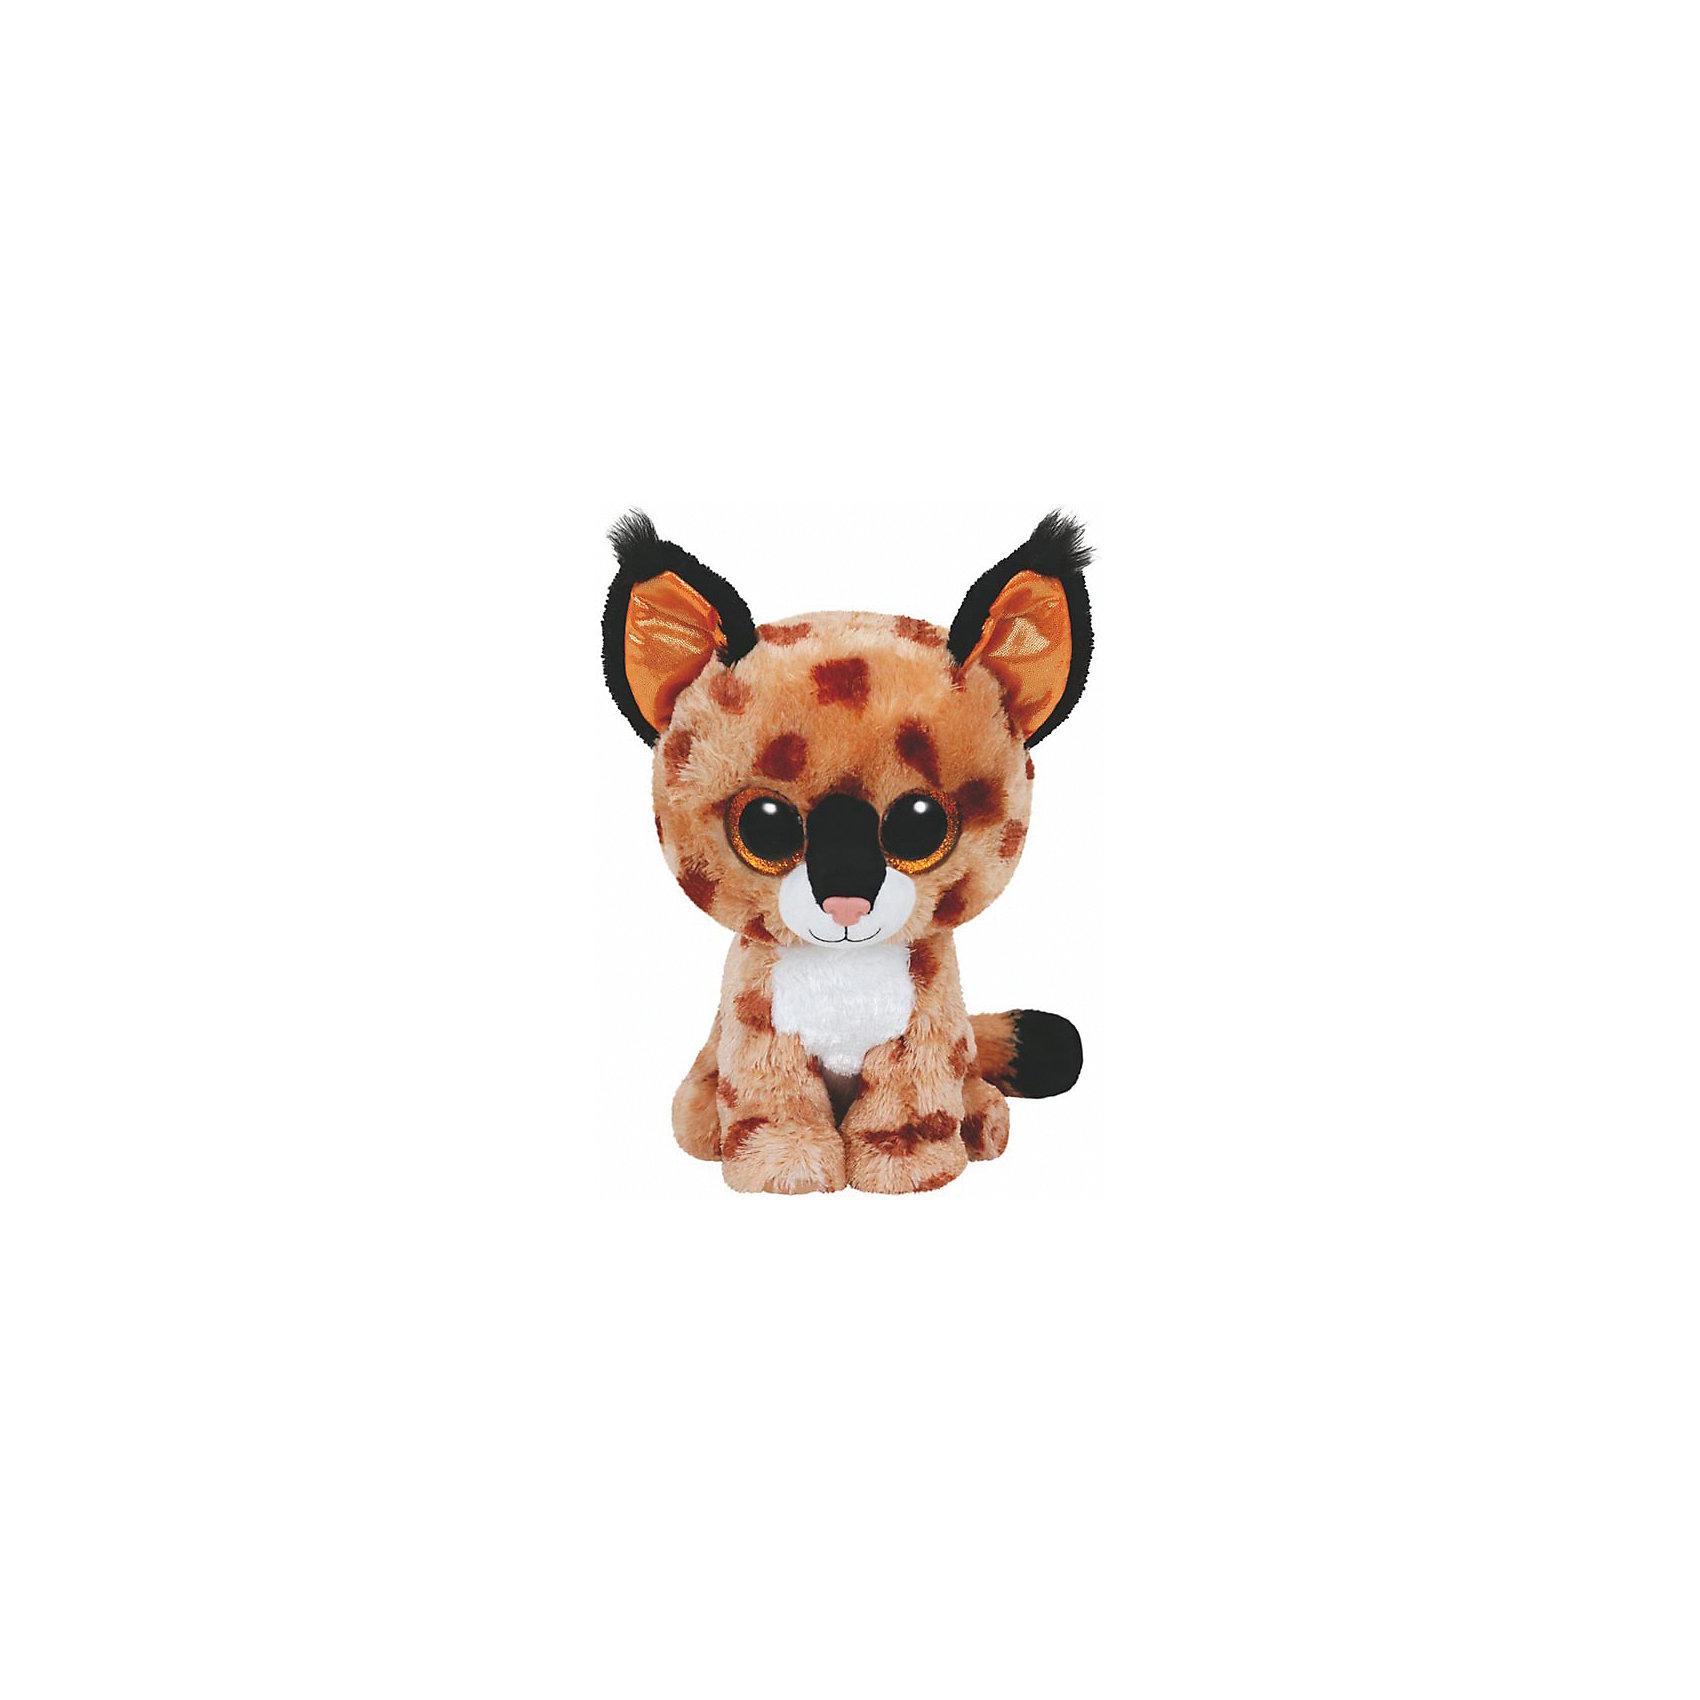 Рысенок Buckwheat, 15 смРысенок Buckwheat, 15 см – игрушка от бренда TY Inc (ТАЙ Инкорпорейтед), знаменитого своими мягкими игрушками, в качестве наполнителя для которых используются гранулы. Рысенок выполнен из качественного и гипоаллергенного плюша бежевых оттенков с нанесенными на него пятнышками коричневого цвета. У игрушки большие выразительные глаза. Используемые материалы делают игрушку прочной, устойчивой к изменению цвета и формы, ее разрешается стирать.<br>Рысенок Buckwheat, 15 см TY Inc непременно станет любимой игрушкой для вашего ребенка, а уникальный наполнитель будет способствовать  не  только развитию мелкой моторики пальцев, но и оказывать релаксирующее воздействие. <br><br>Дополнительная информация:<br><br>- Вид игр: сюжетно-ролевые игры, интерьерные игрушки, для коллекционирования<br>- Предназначение: для дома<br>- Материал: плюш, наполнитель ? гранулы<br>- Высота: 15 см<br>- Особенности ухода: разрешается стирка<br><br>Подробнее:<br><br>• Для детей в возрасте: от 12 месяцев и до 5 лет <br>• Страна производитель: Китай<br>• Торговый бренд: TY Inc <br><br>Рысенка Buckwheat, 15 см можно купить в нашем интернет-магазине.<br><br>Ширина мм: 154<br>Глубина мм: 104<br>Высота мм: 106<br>Вес г: 87<br>Возраст от месяцев: 12<br>Возраст до месяцев: 60<br>Пол: Унисекс<br>Возраст: Детский<br>SKU: 4222212